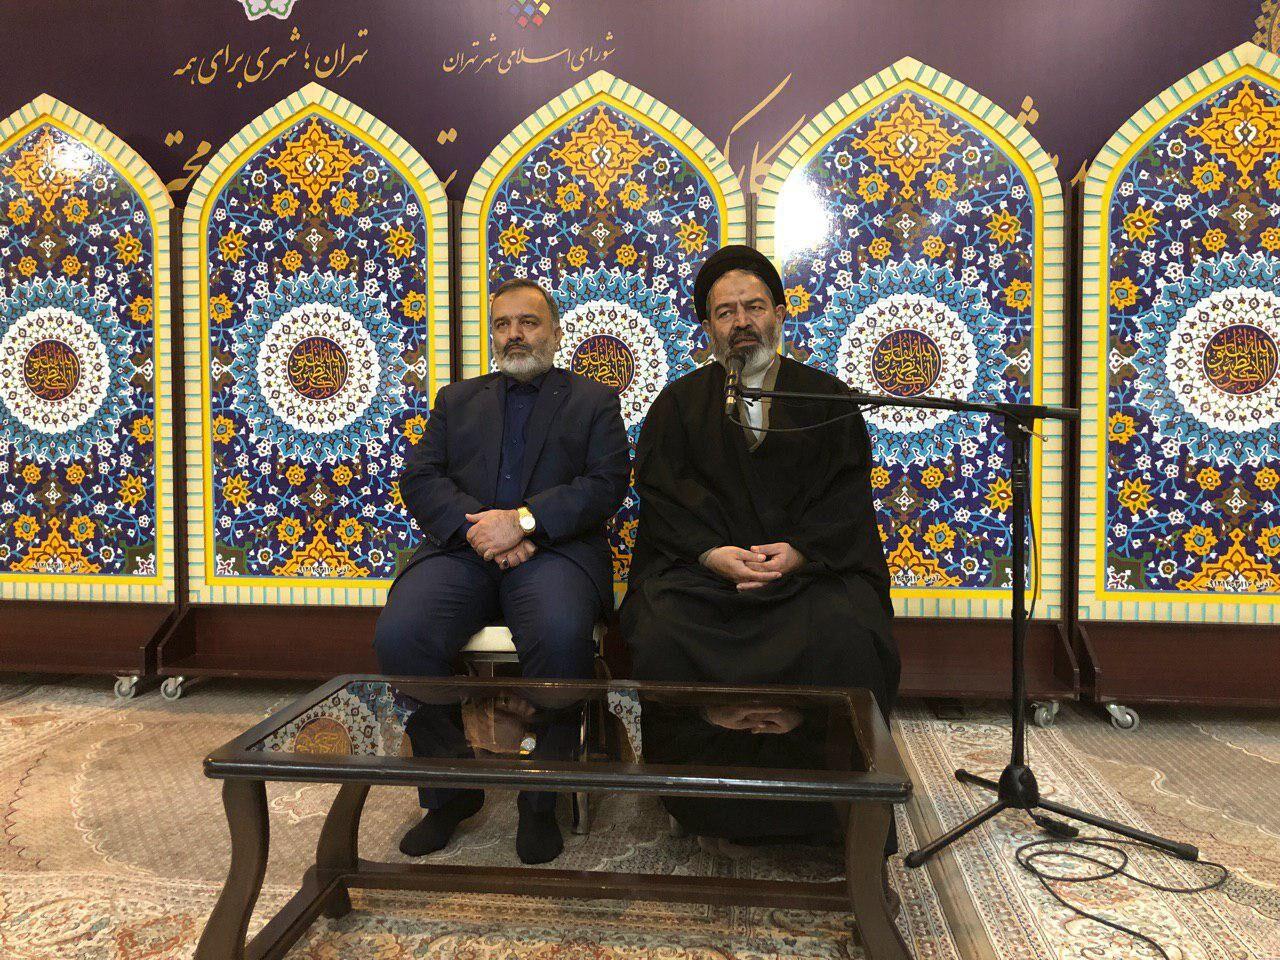 تجدید میثاق رییس وکارکنان سازمان حج وزیارت با آرمان های امام راحل